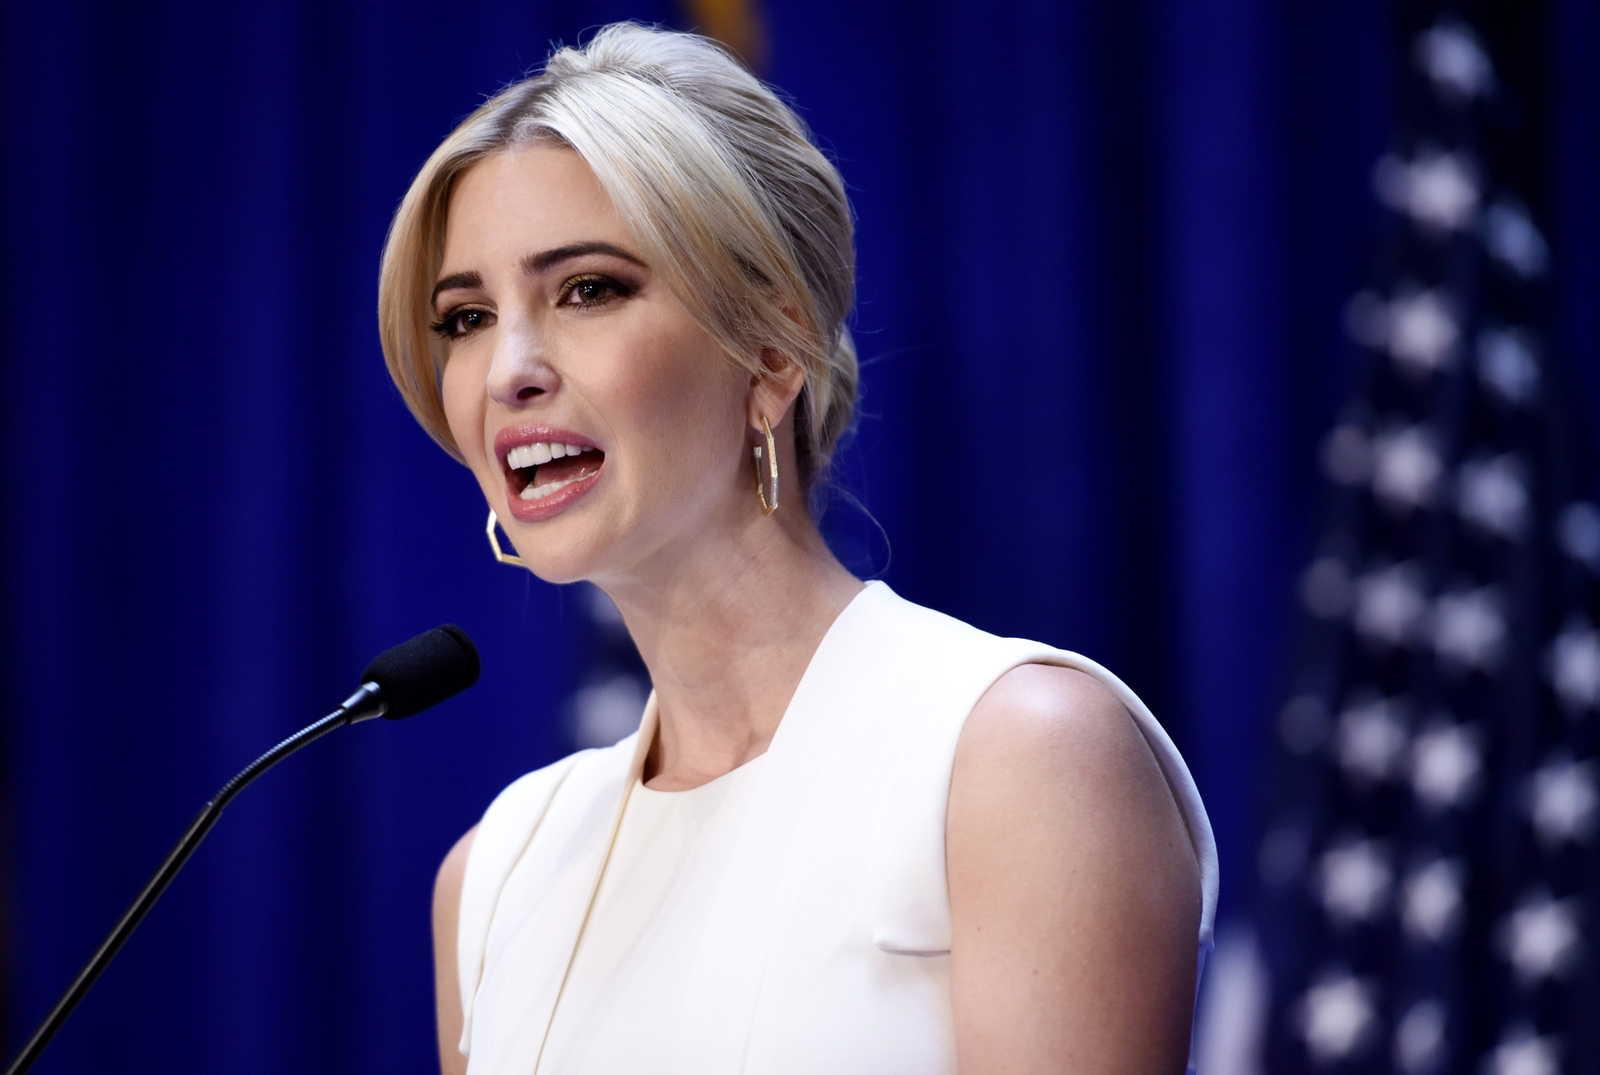 Дочь трампа фото без макияжа